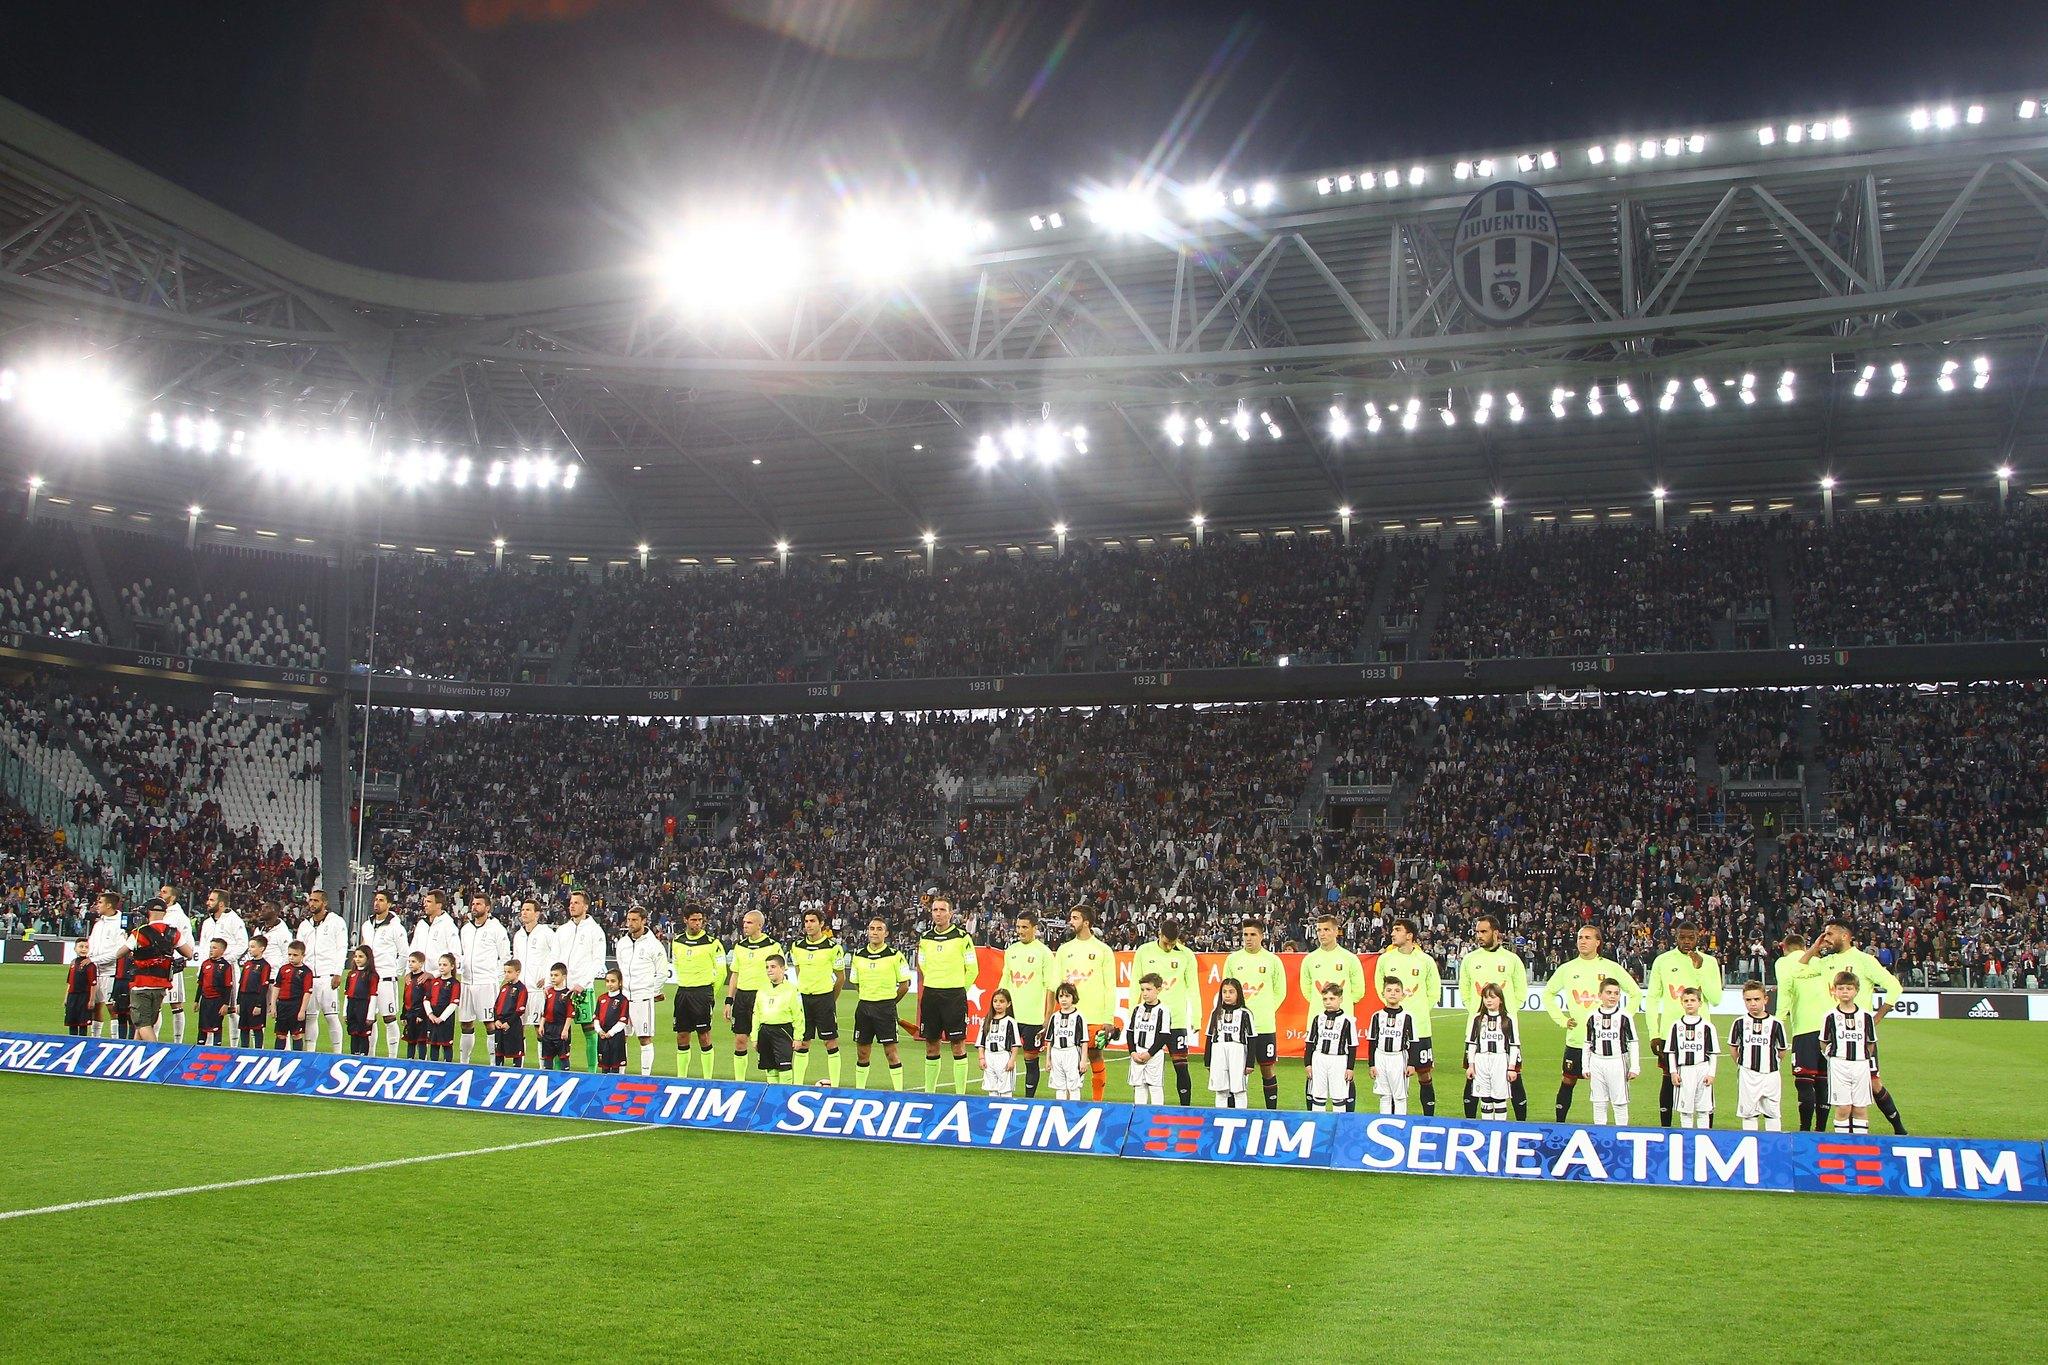 Serie A announces return date